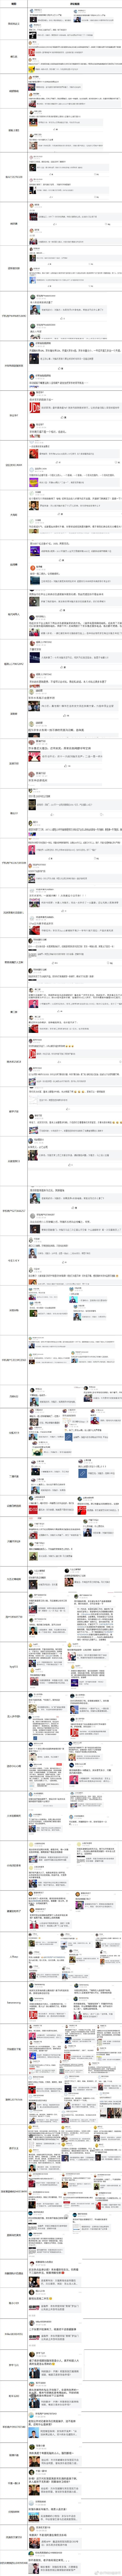 律师称京东遭海量文章恶意抹黑 表示将采取法律行动